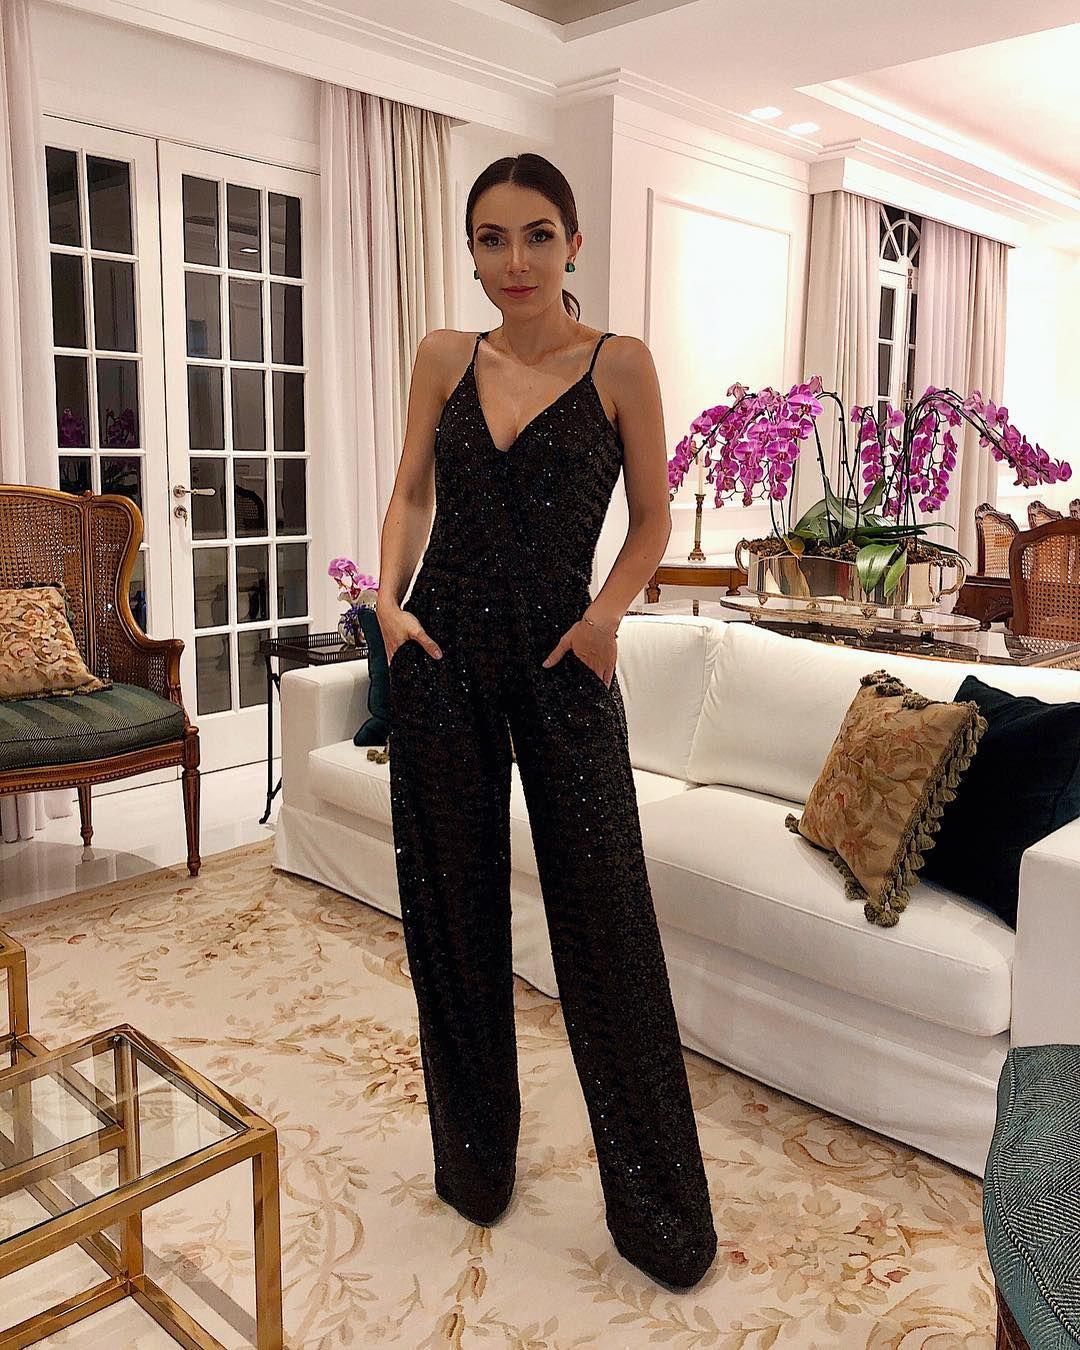 Macacão pantalona  75 looks estilosos que provam a elegância da peça 3c1b056562